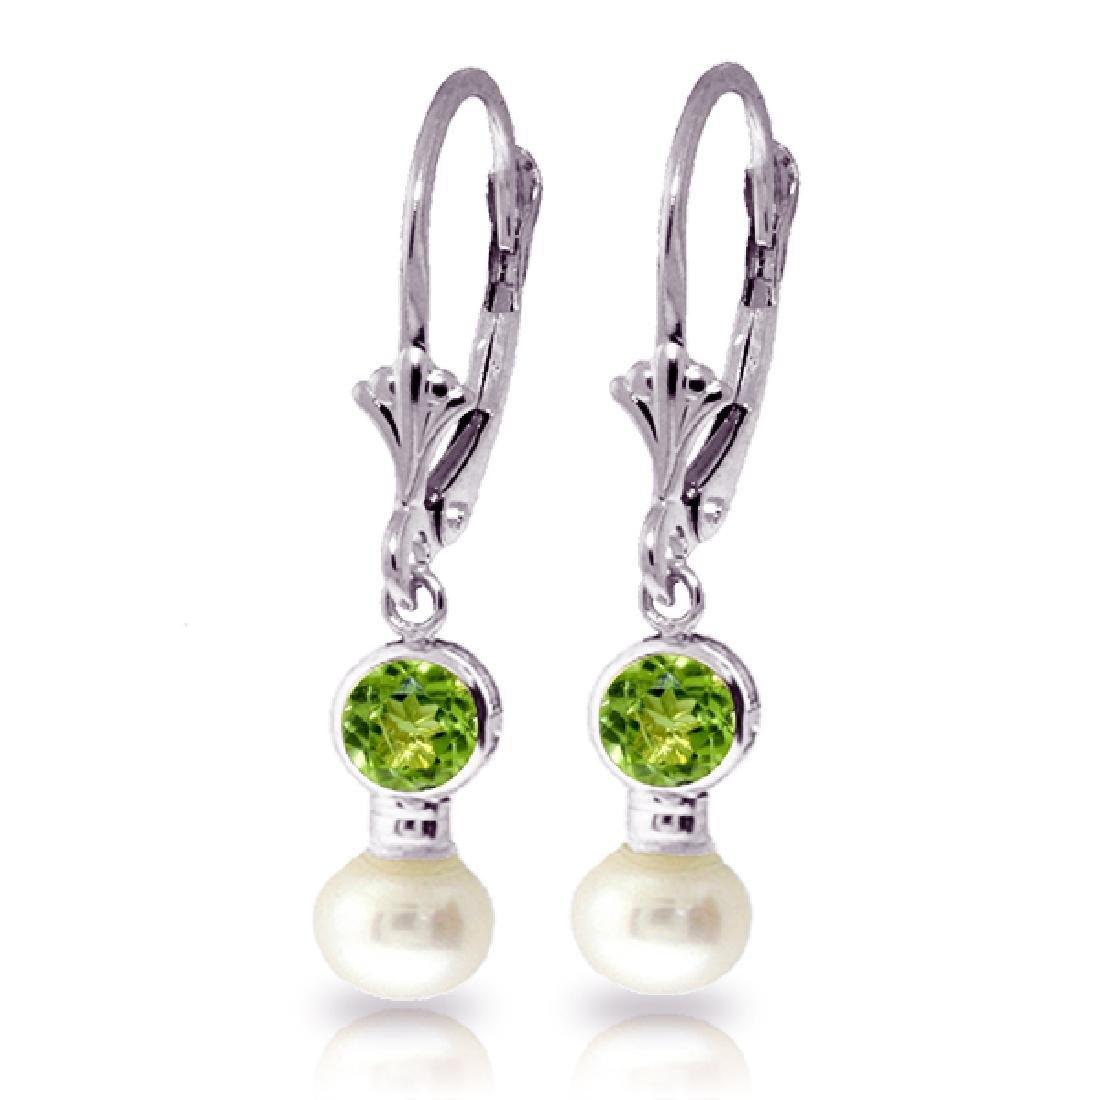 Genuine 5.2 ctw Peridot & Pearl Earrings Jewelry 14KT